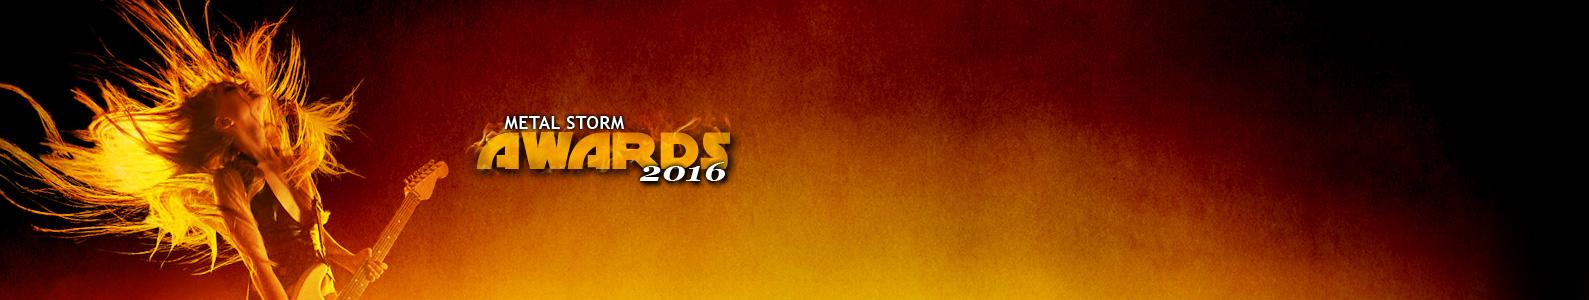 Metal Storm Awards 2016 - Metal Storm